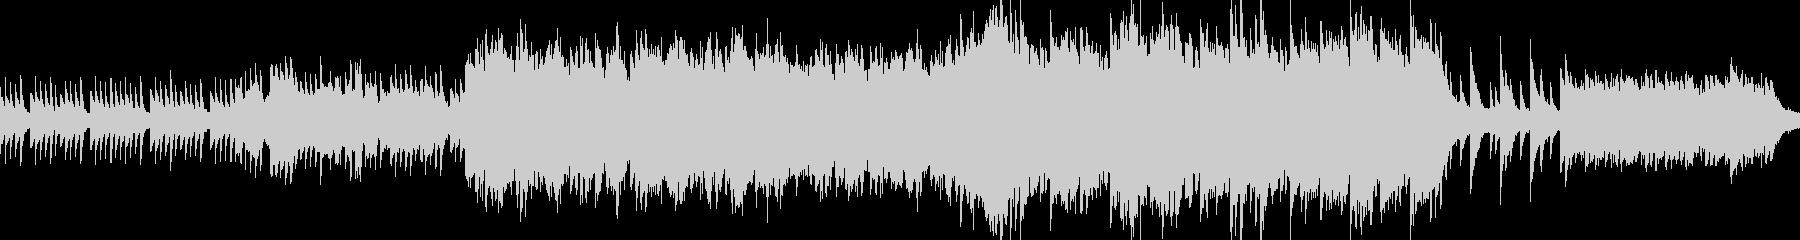 悲しい、切ないピアノのバラード ループ版の未再生の波形